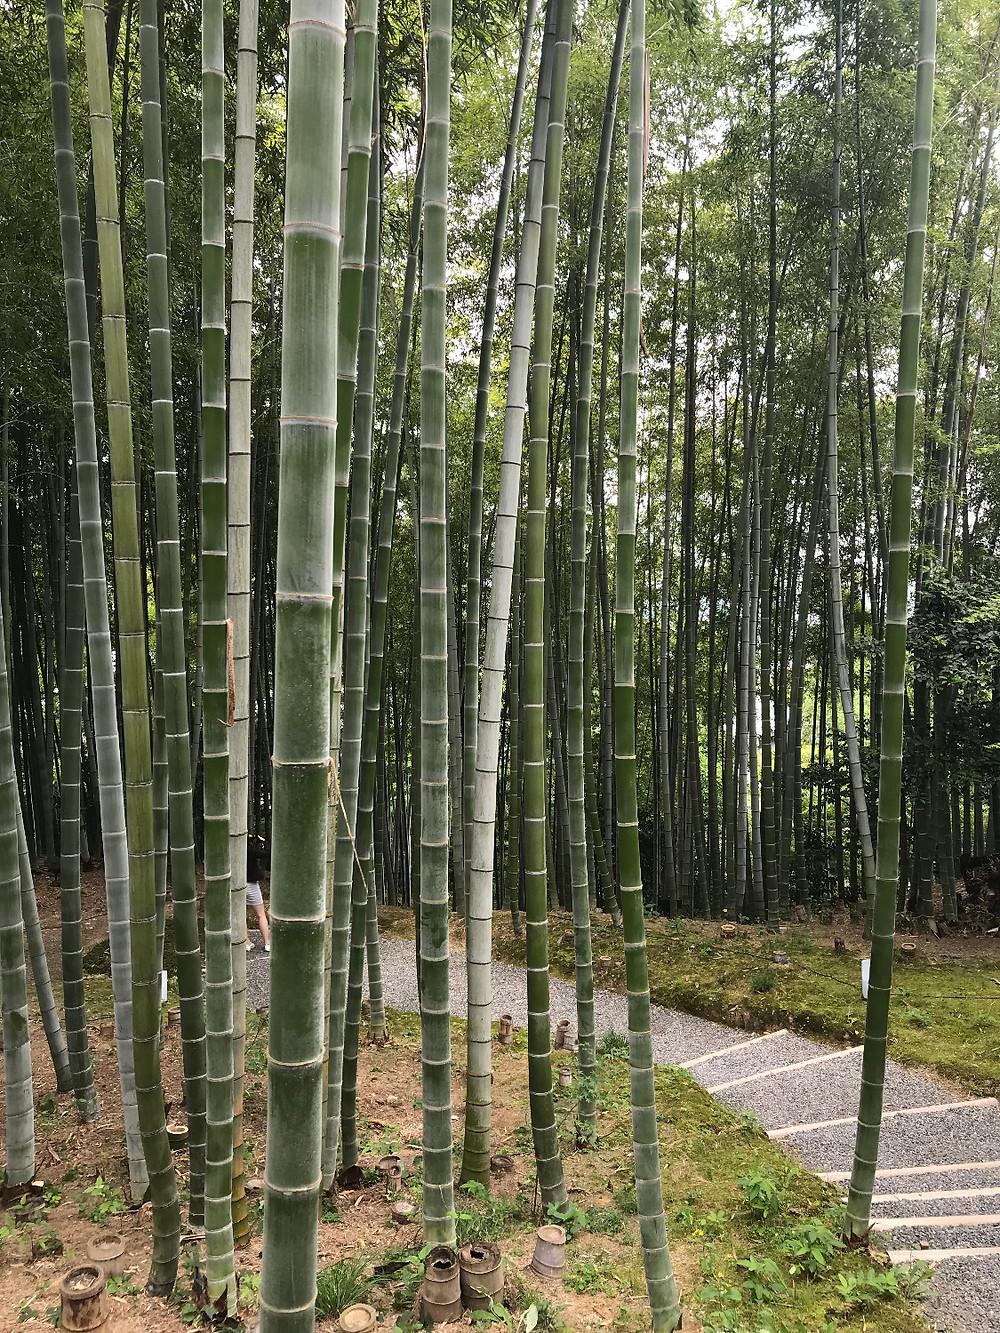 Bamboo grove, Kodaji temple